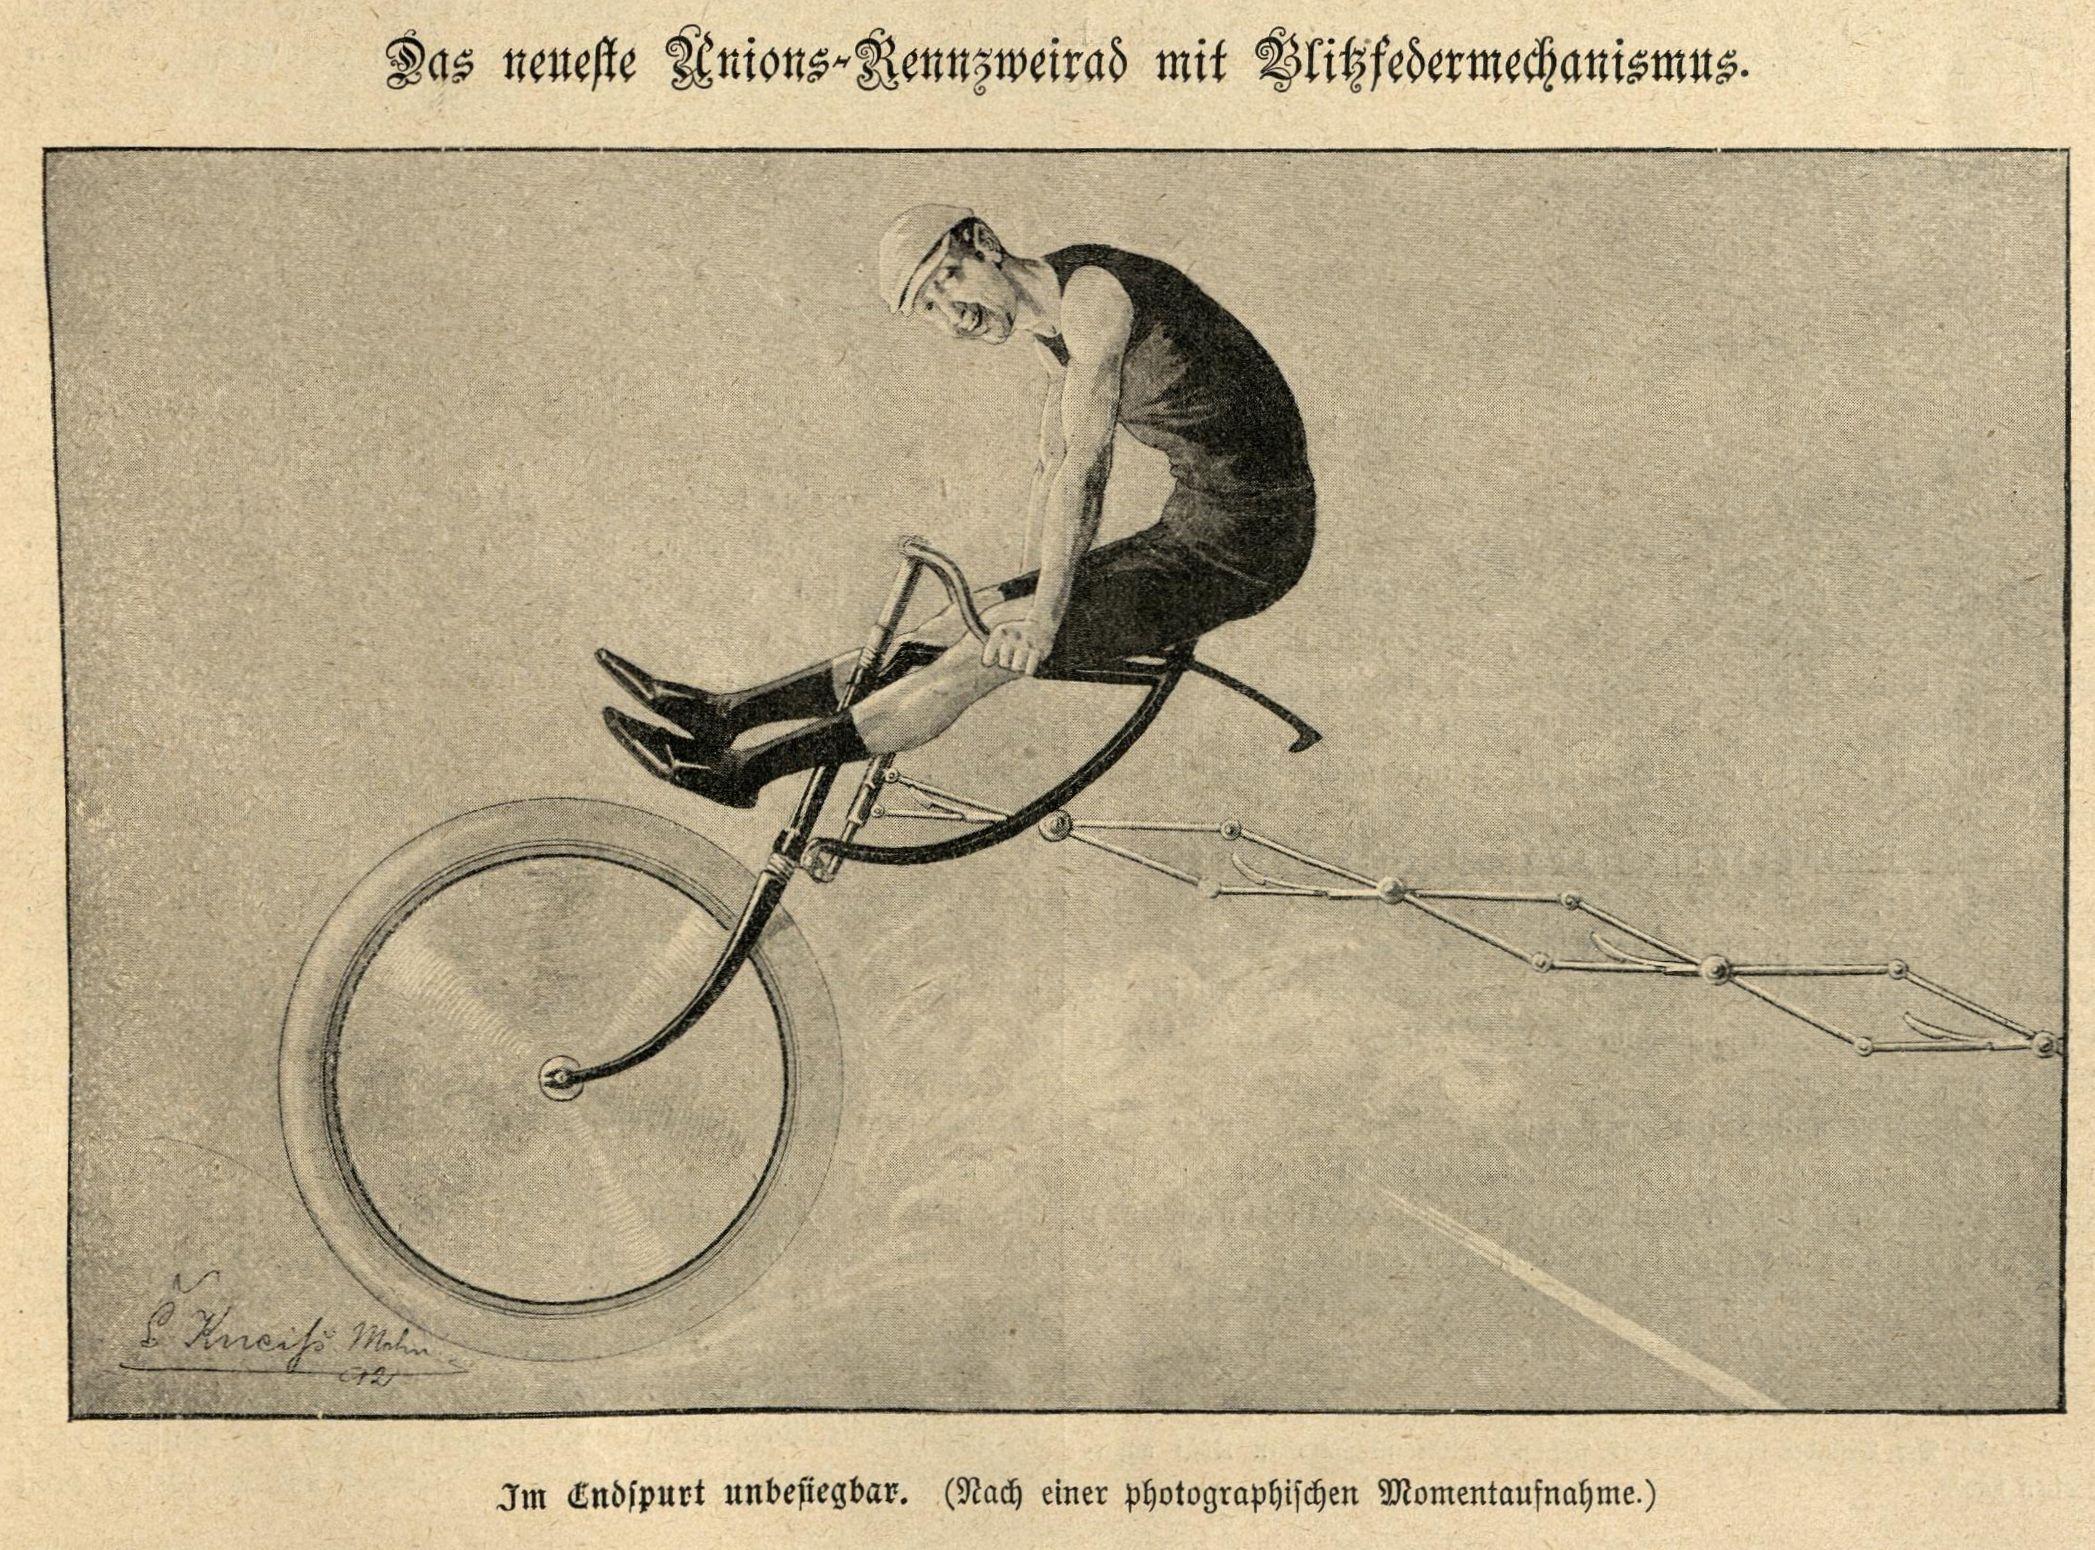 Bild: Thos. Wastshon's Erfindung eines im Endspurt unbesiegbaren Rennzweirades